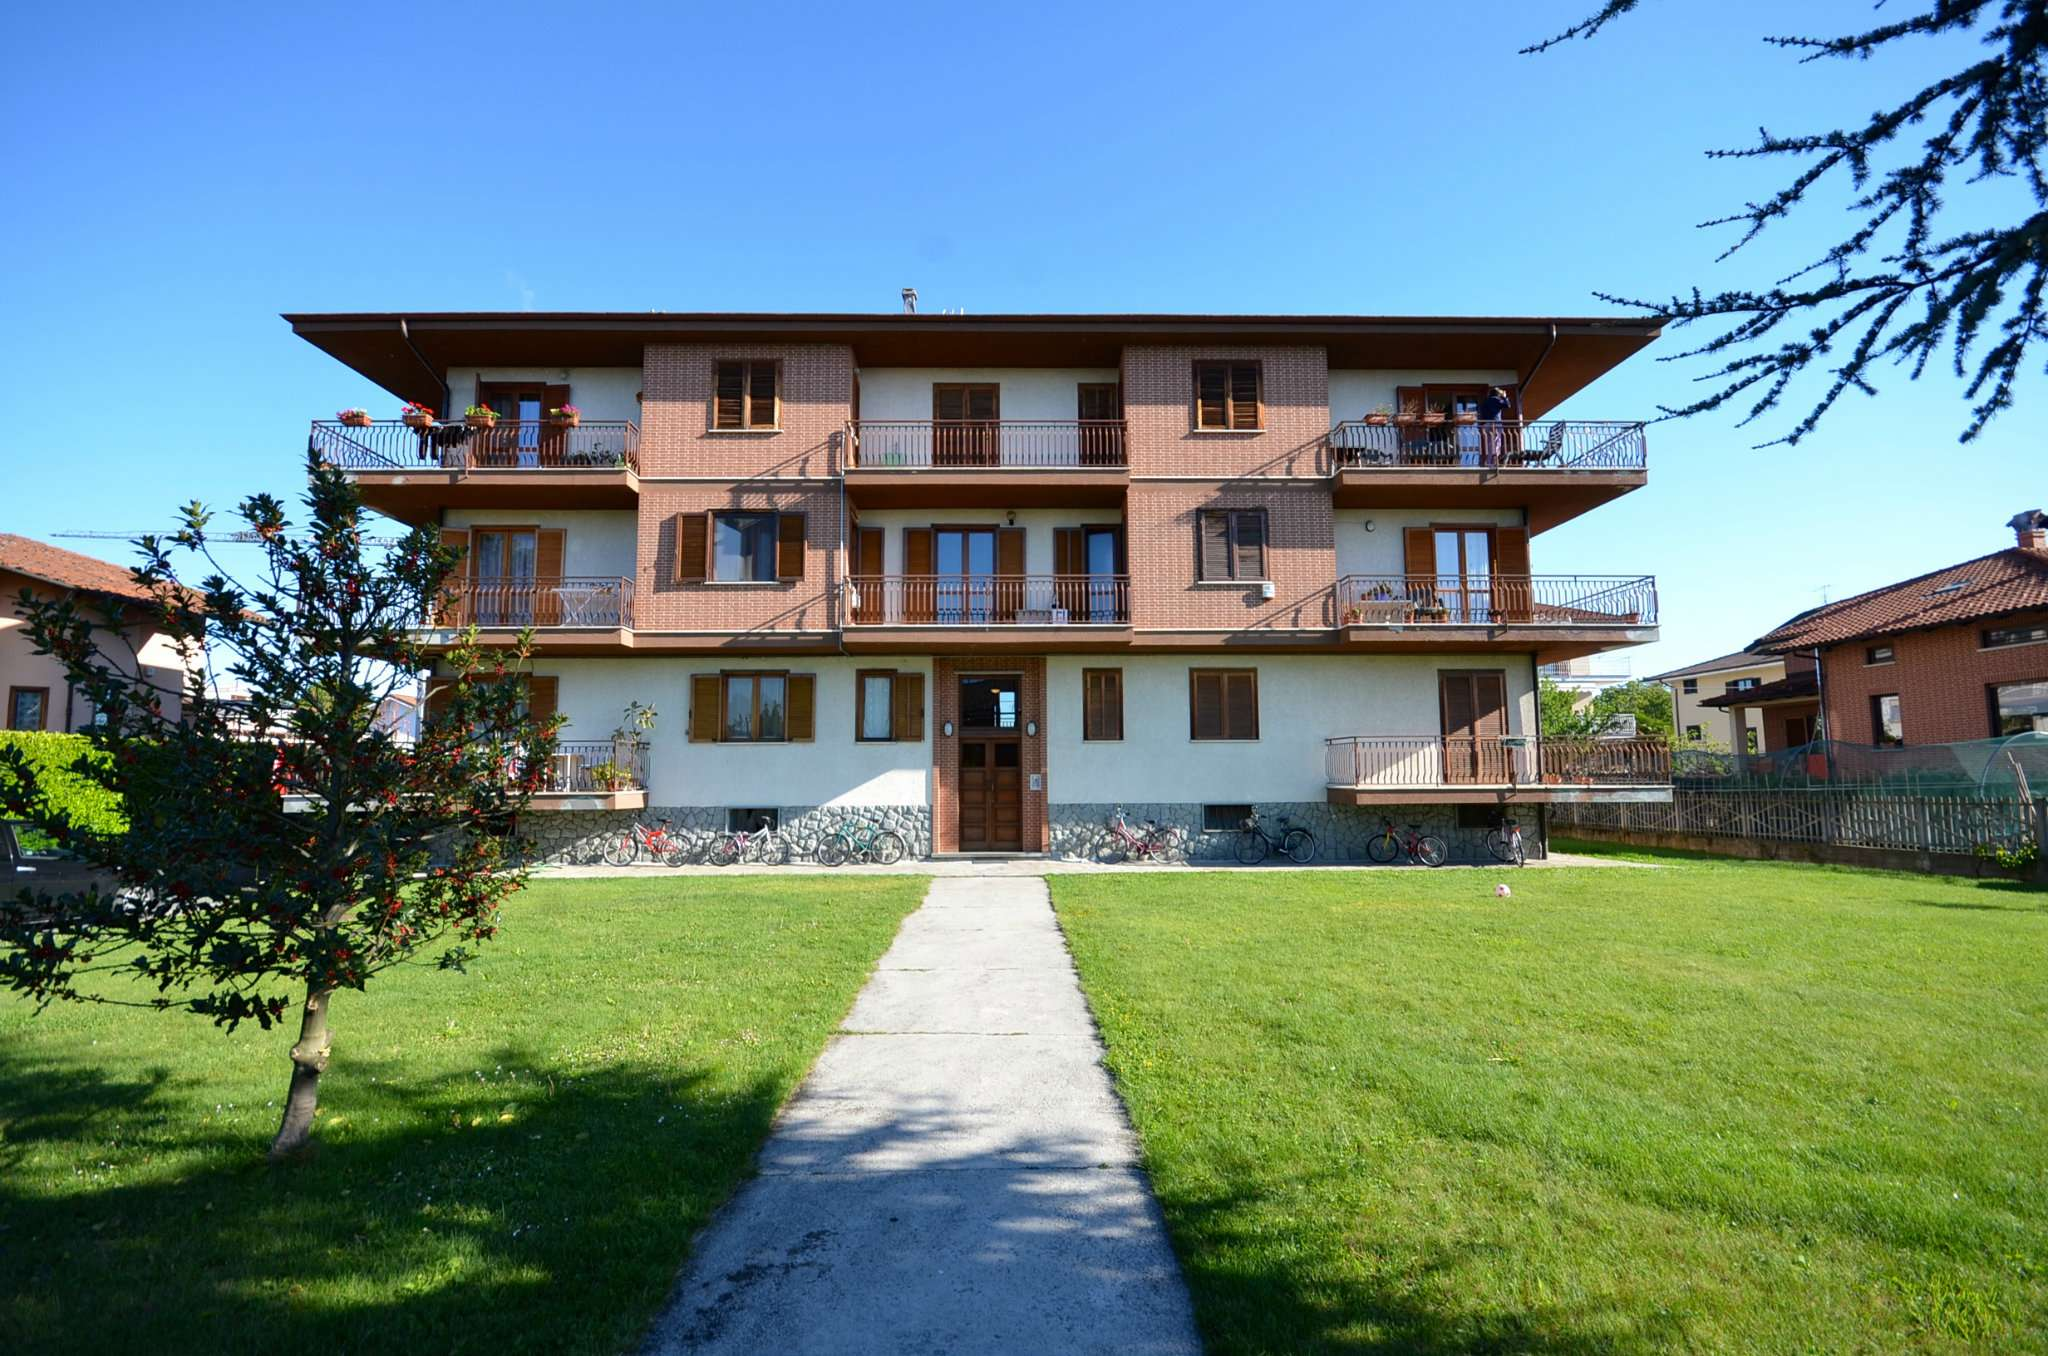 Appartamento in vendita a Centallo, 2 locali, prezzo € 60.000 | CambioCasa.it